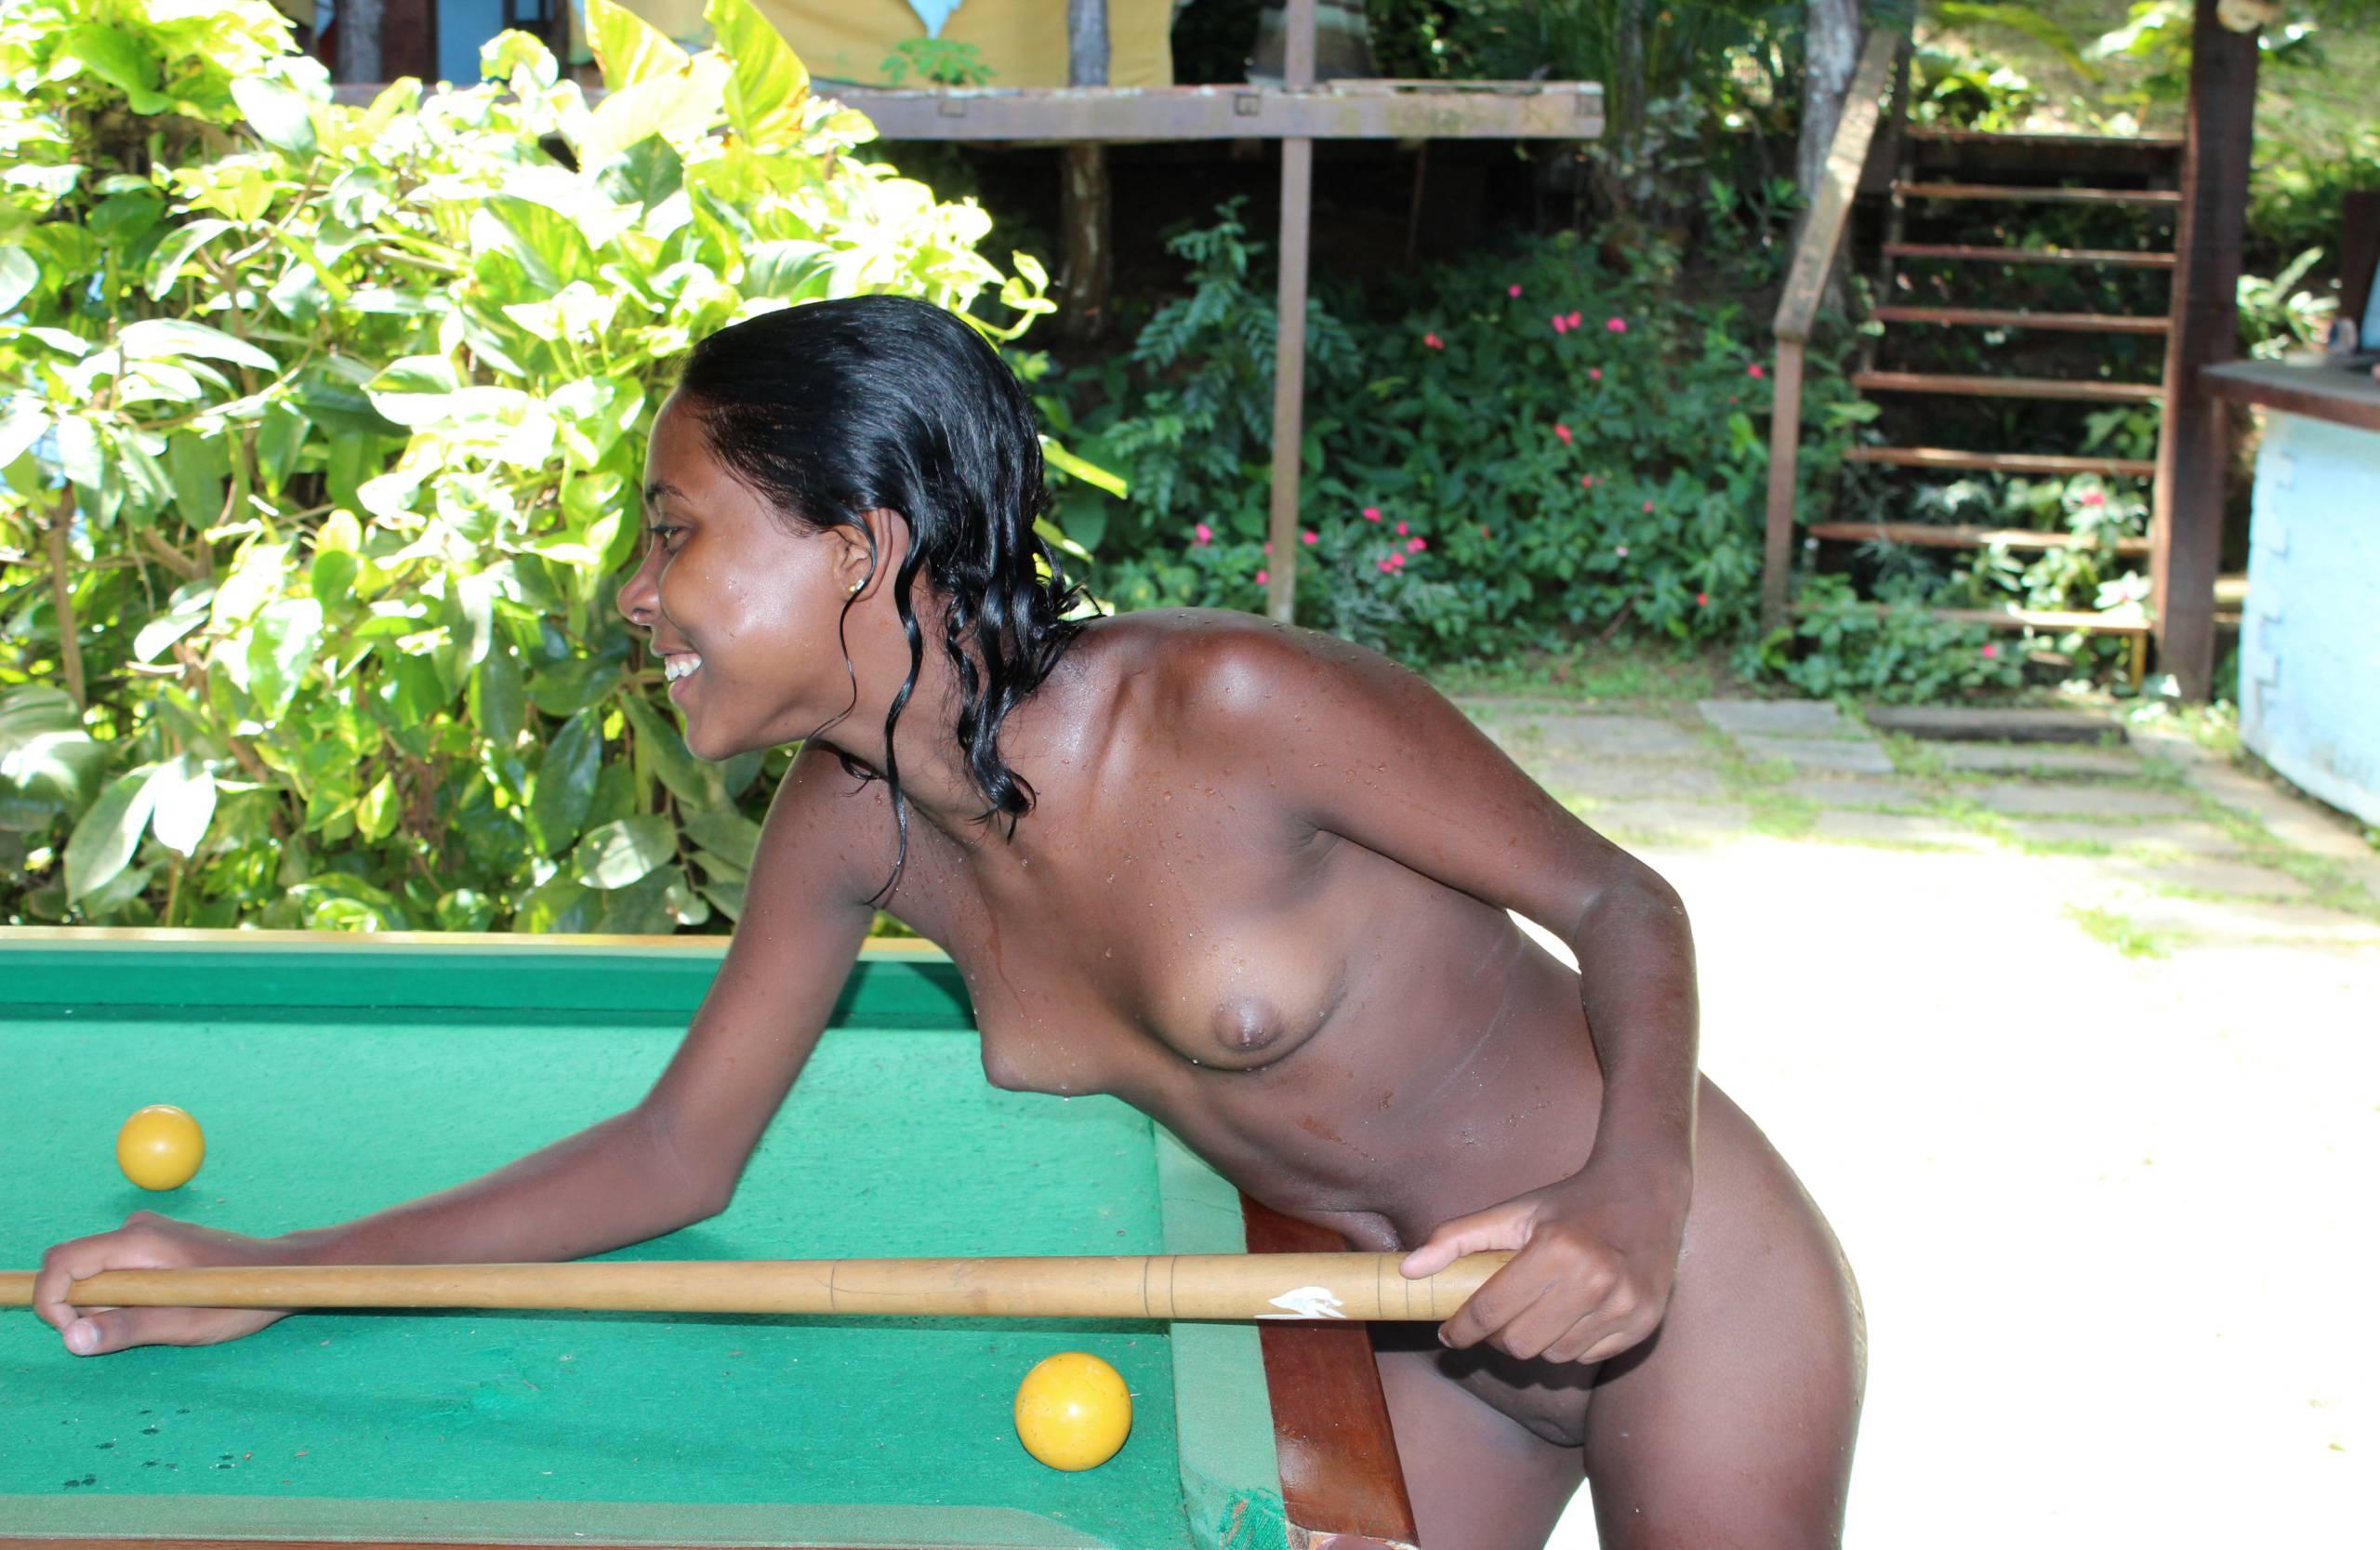 Brazilian Activities - 1